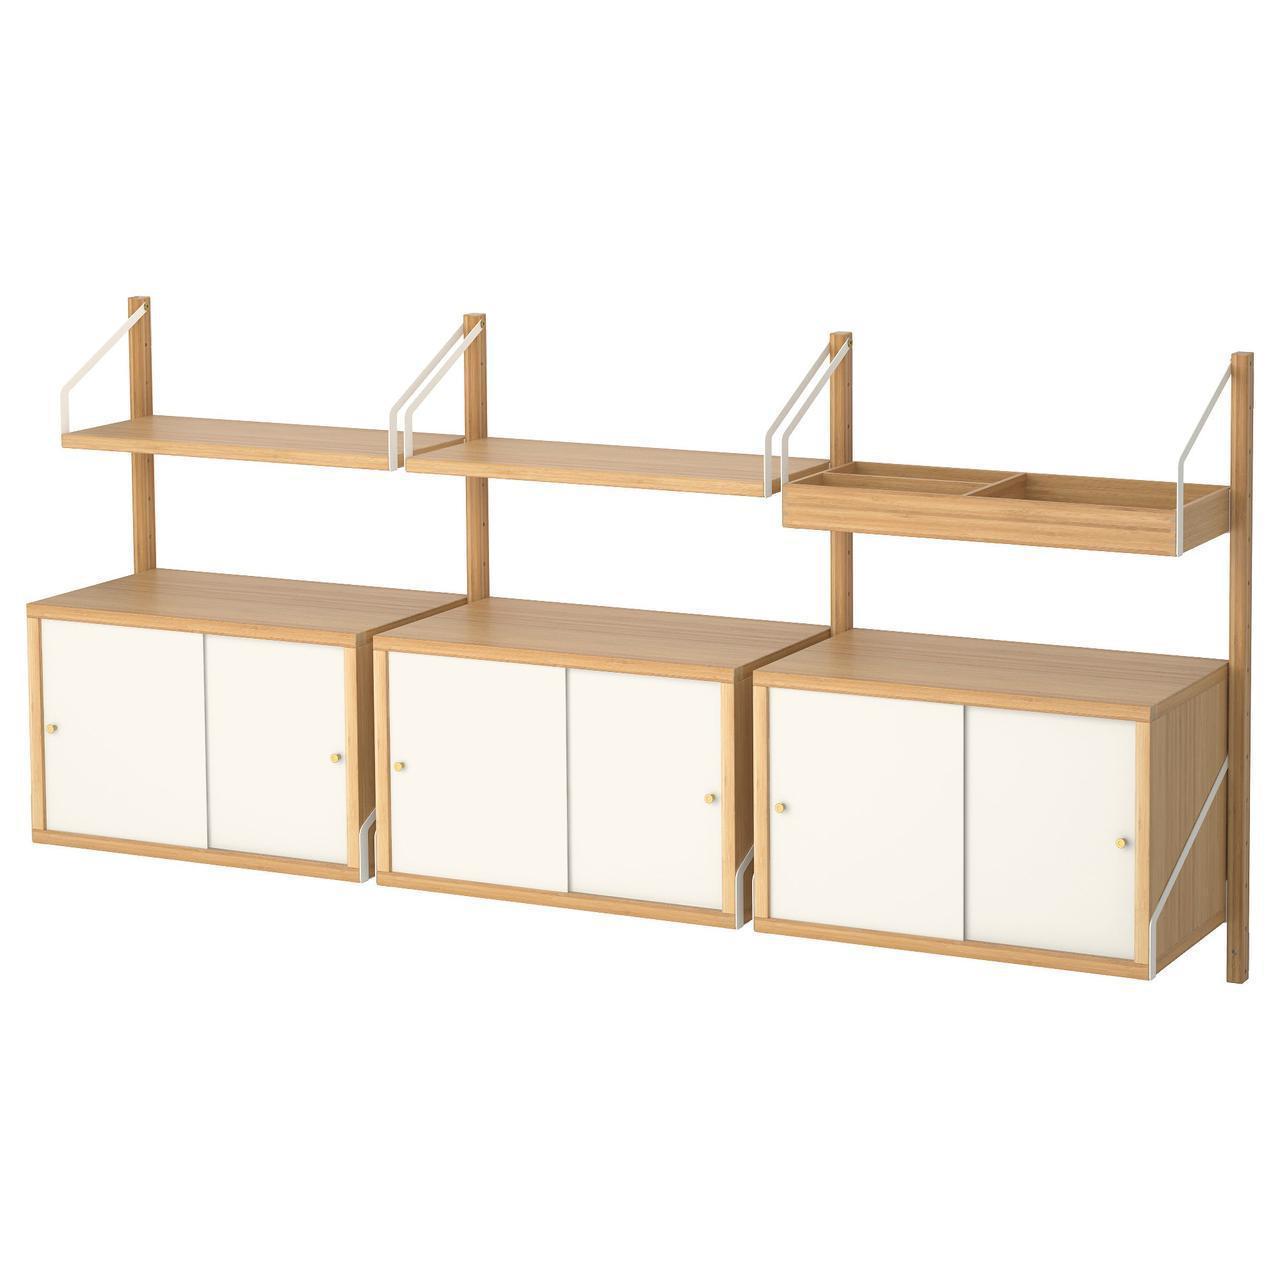 Комбинация настенных полок IKEA SVALNÄS 193x35x93 см белый светло-коричневый бамбук 491.844.70